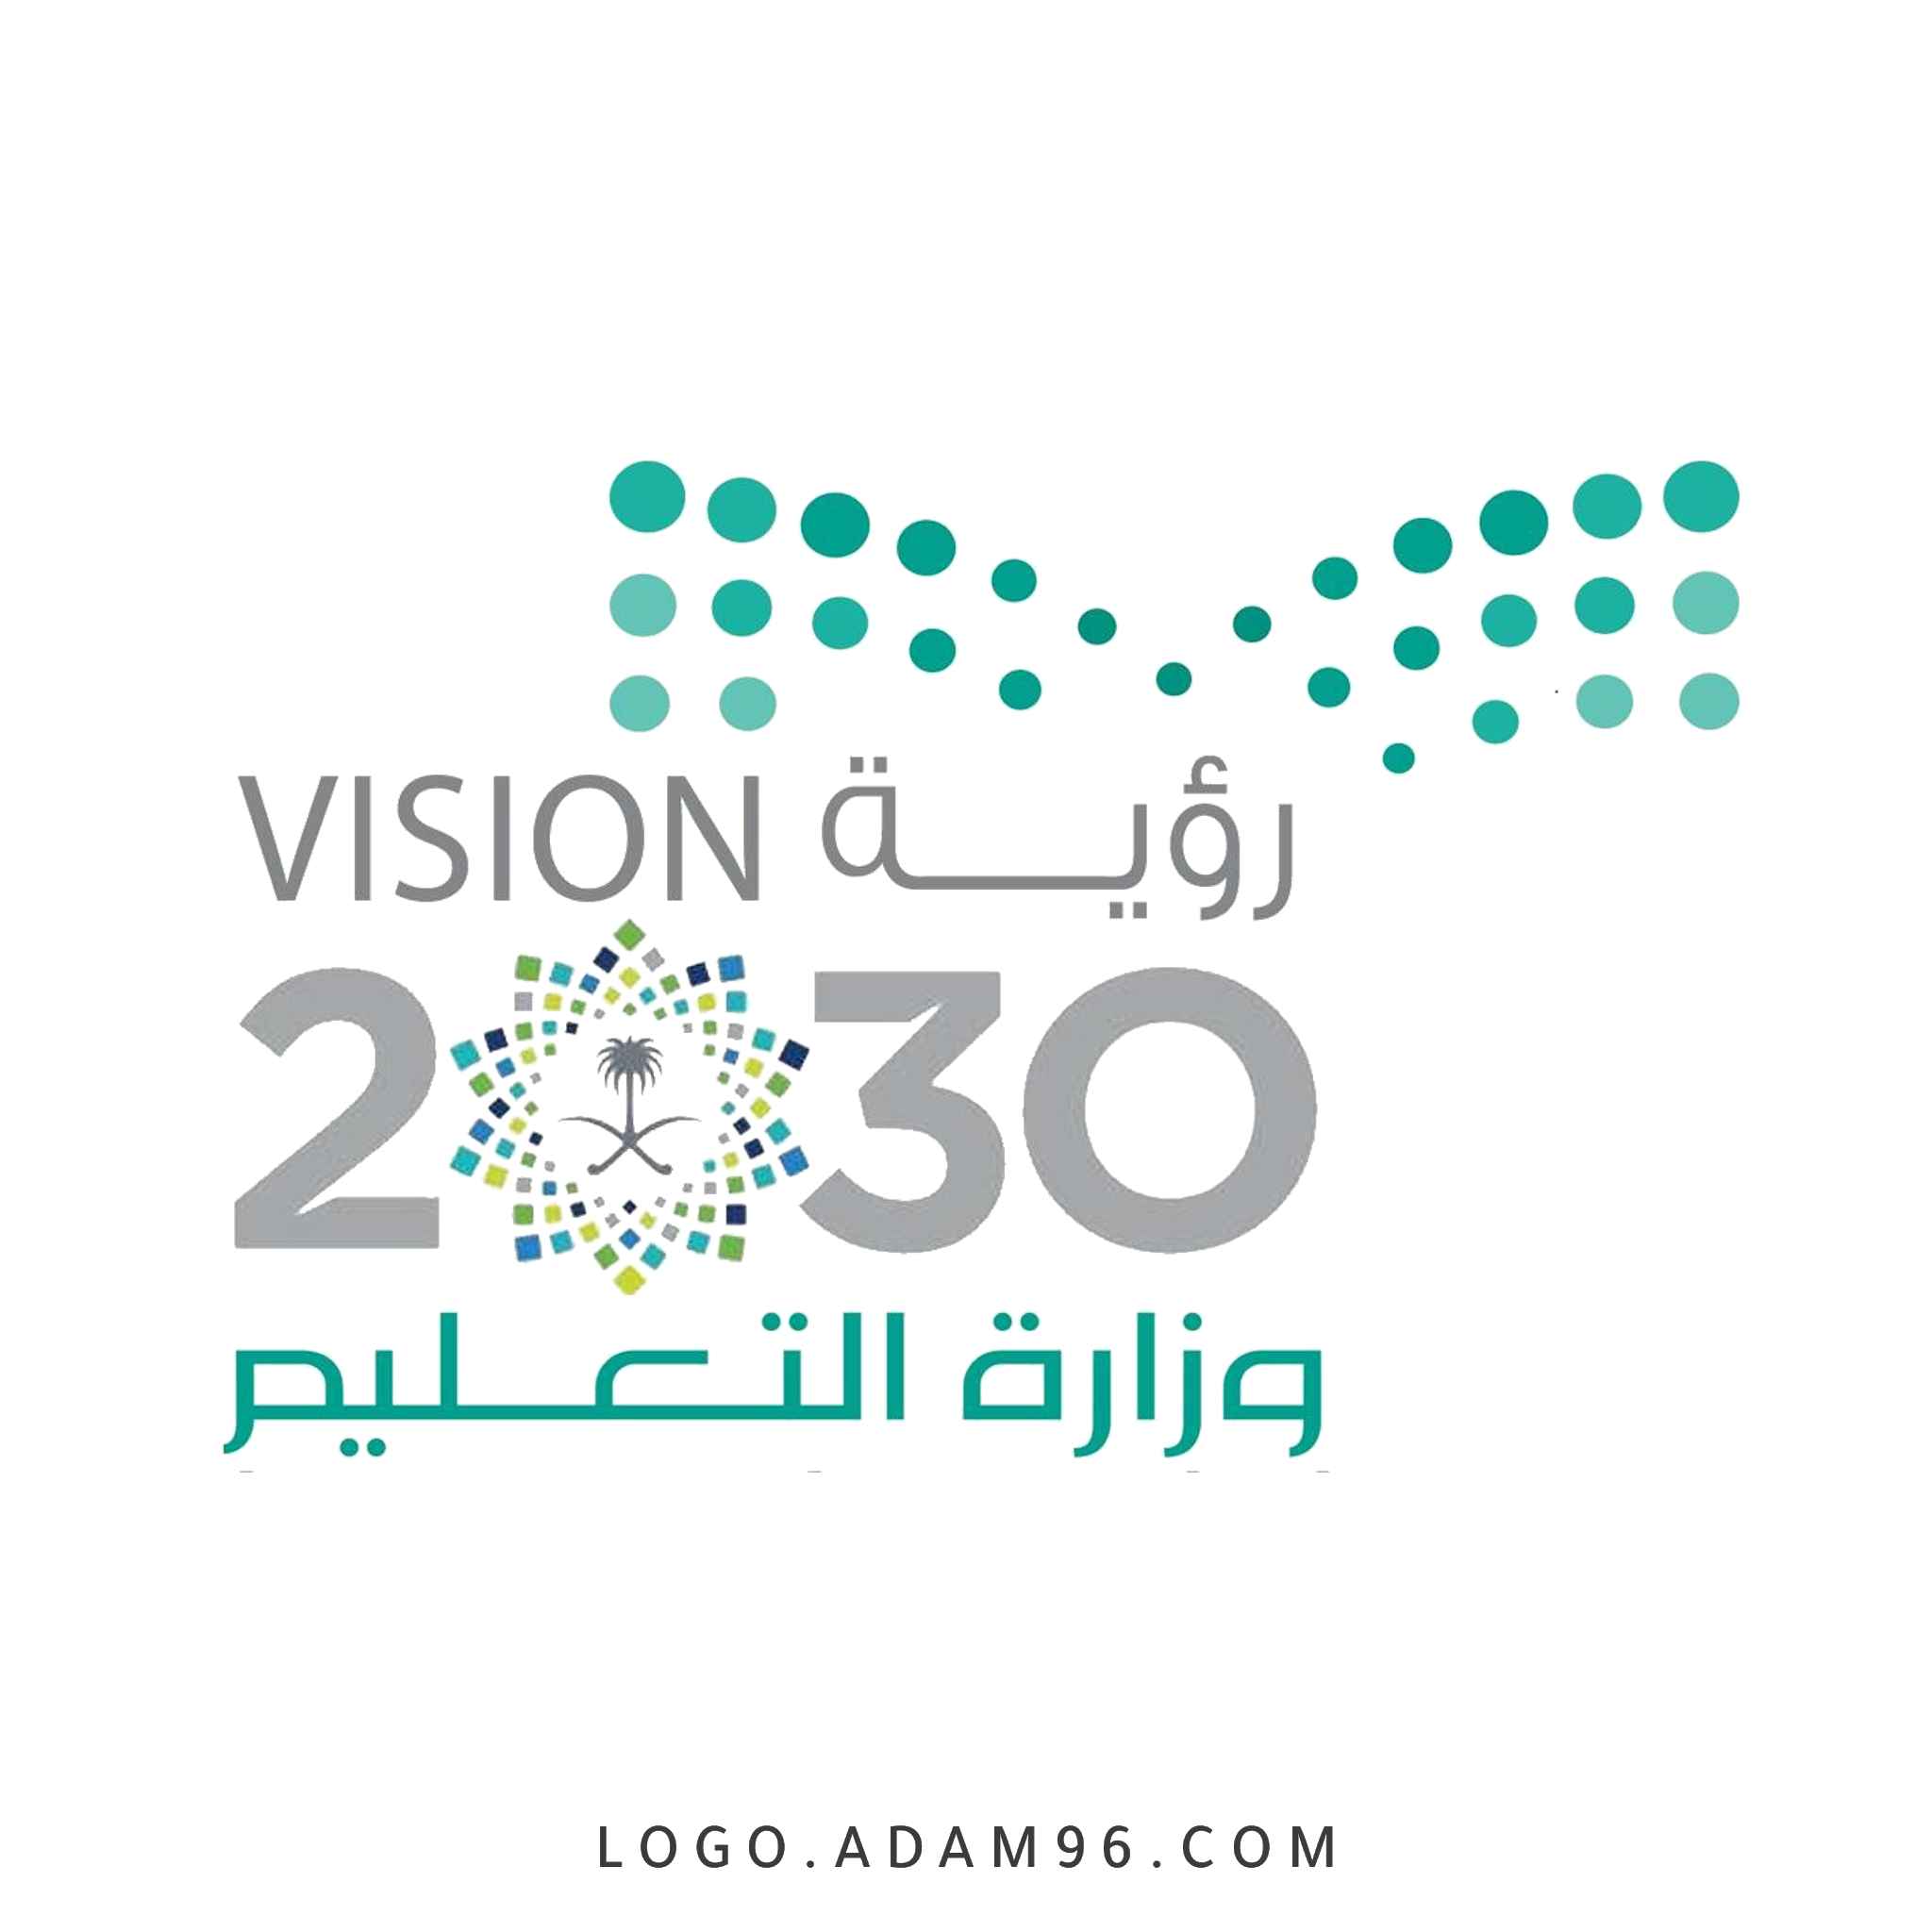 شعار الرؤية Png